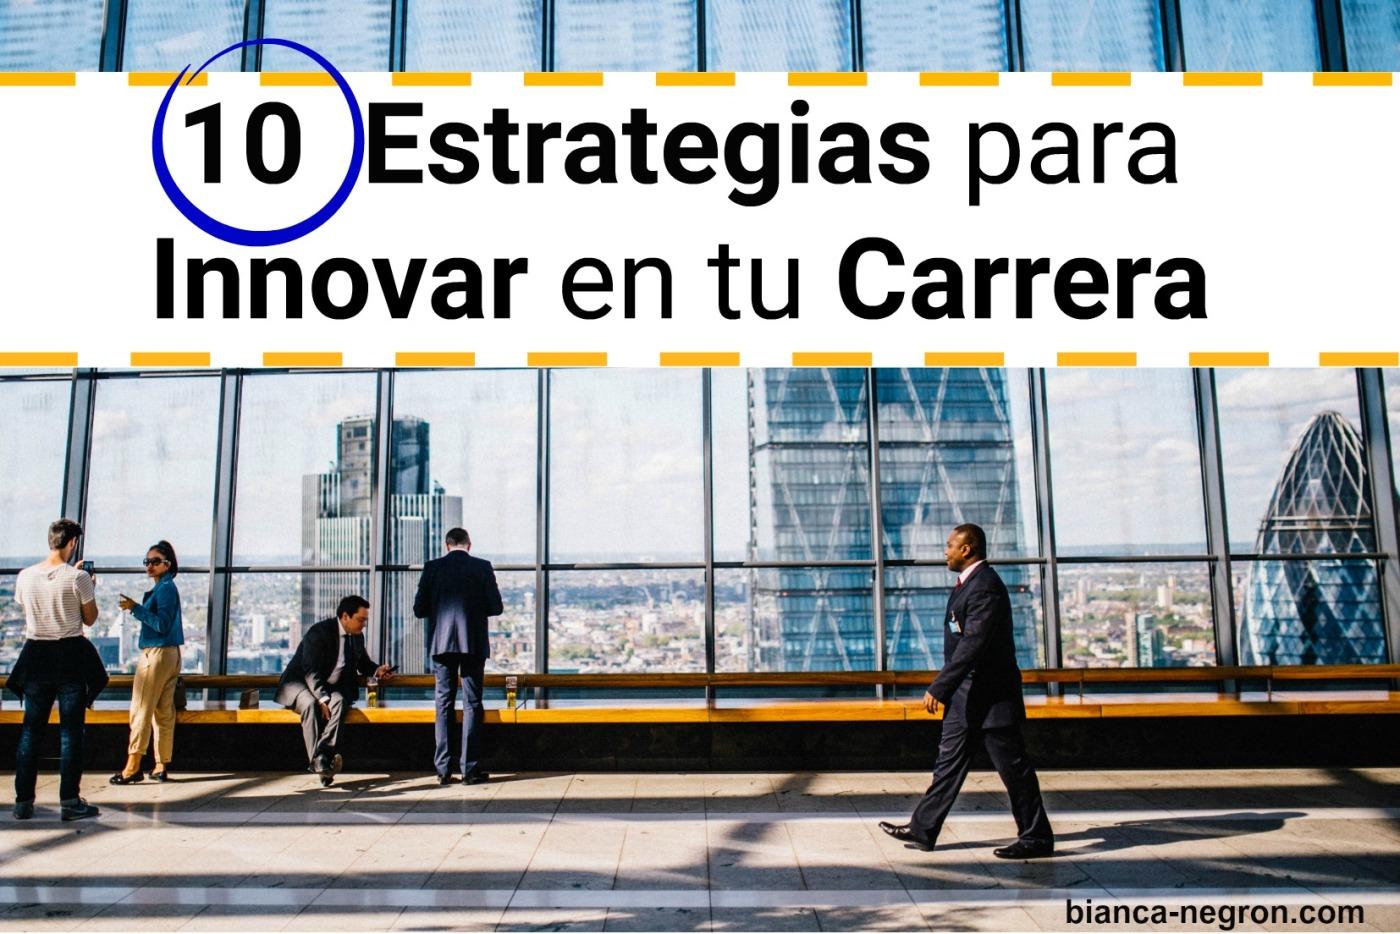 Carrera, Estrategias, Innovar